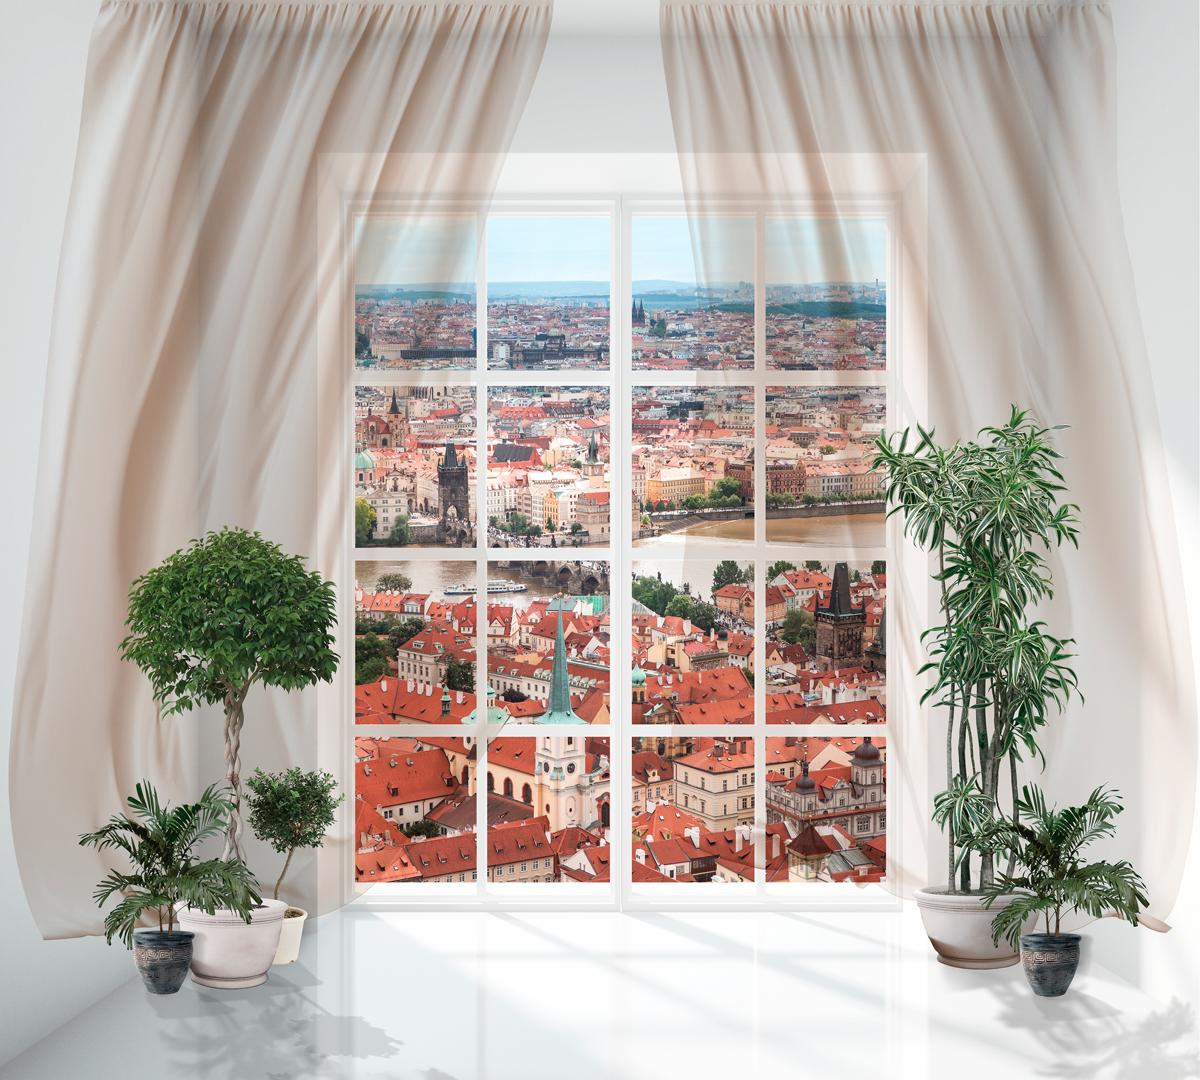 Фотообои Barton Wallpapers Города, 300 x 270 см. U29603UP210DFФотообои Barton Wallpapers позволят создать неповторимый облик помещения, в котором они размещены. Фотообои наносятся на стены тем же способом, что и обычные обои. Рельефная структура основы делает фотообои необычными, неповторимыми, глубокими и манящими.Фотообои снова вошли в нашу жизнь, став модным направлением декорирования интерьера. Выбрав правильную фактуру и сюжет изображения можно добиться невероятного эффекта живого присутствия.